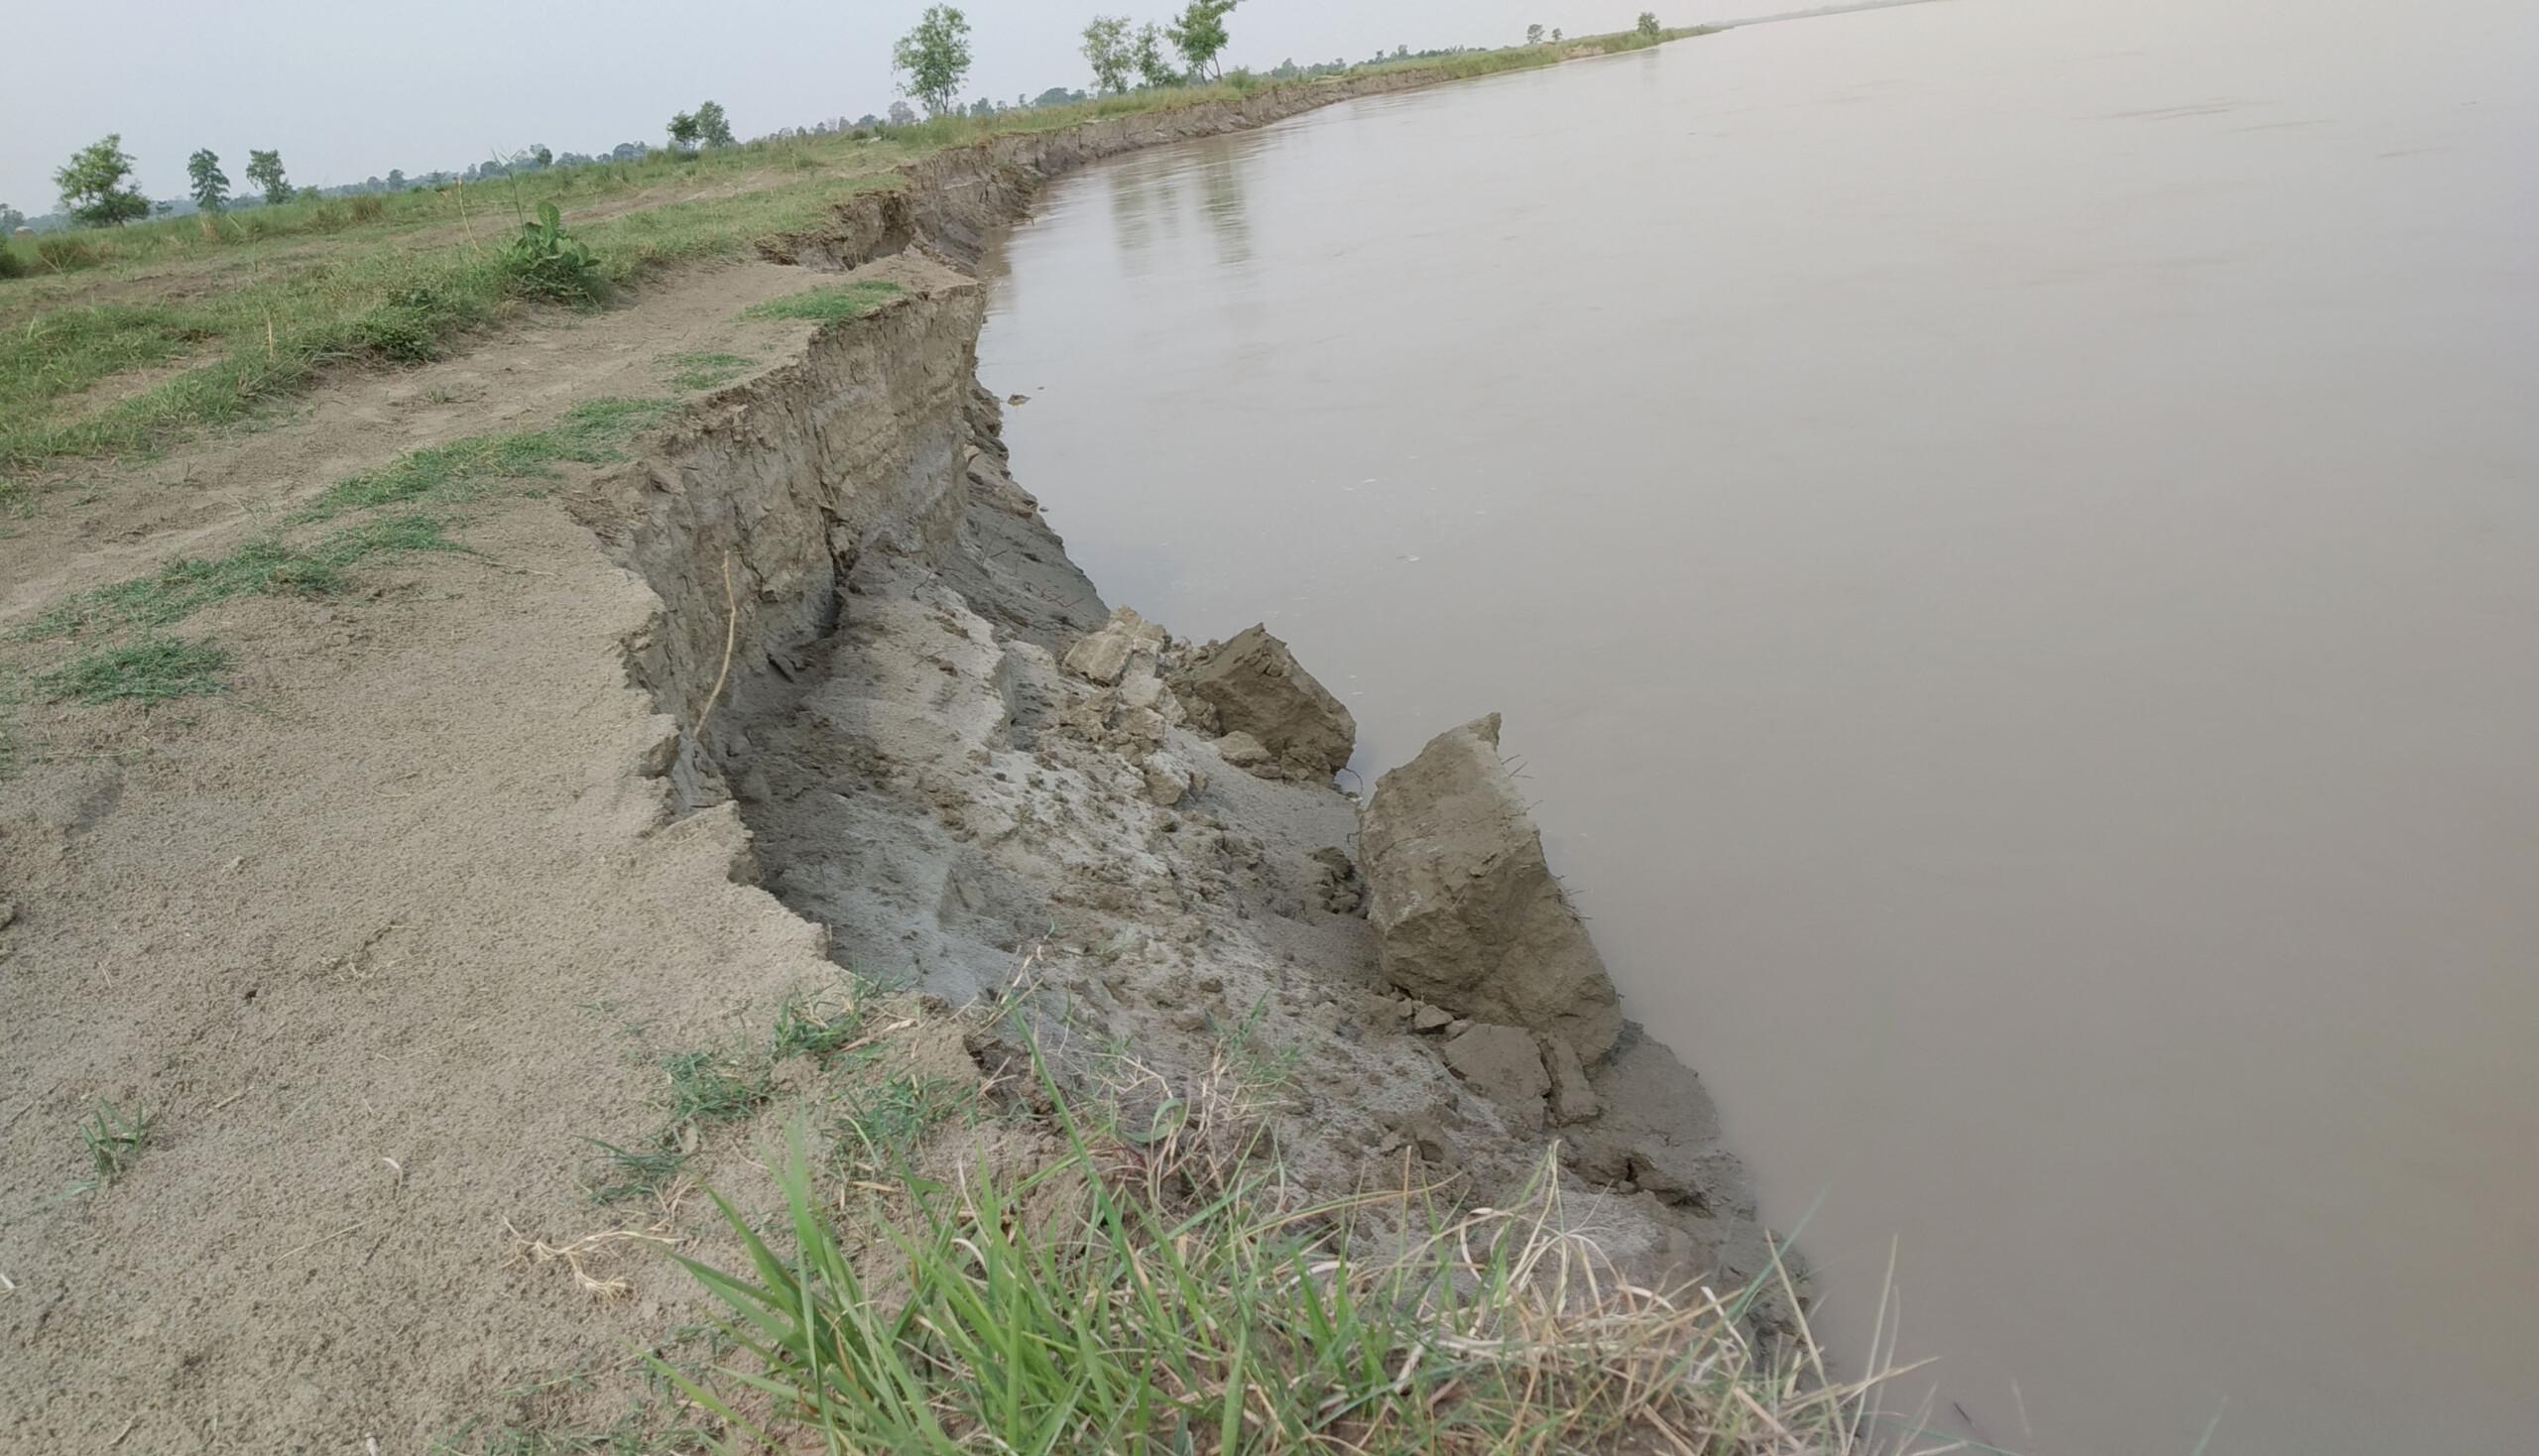 पानी पर्दा तटीय क्षेत्रका नागरिक त्रासमा